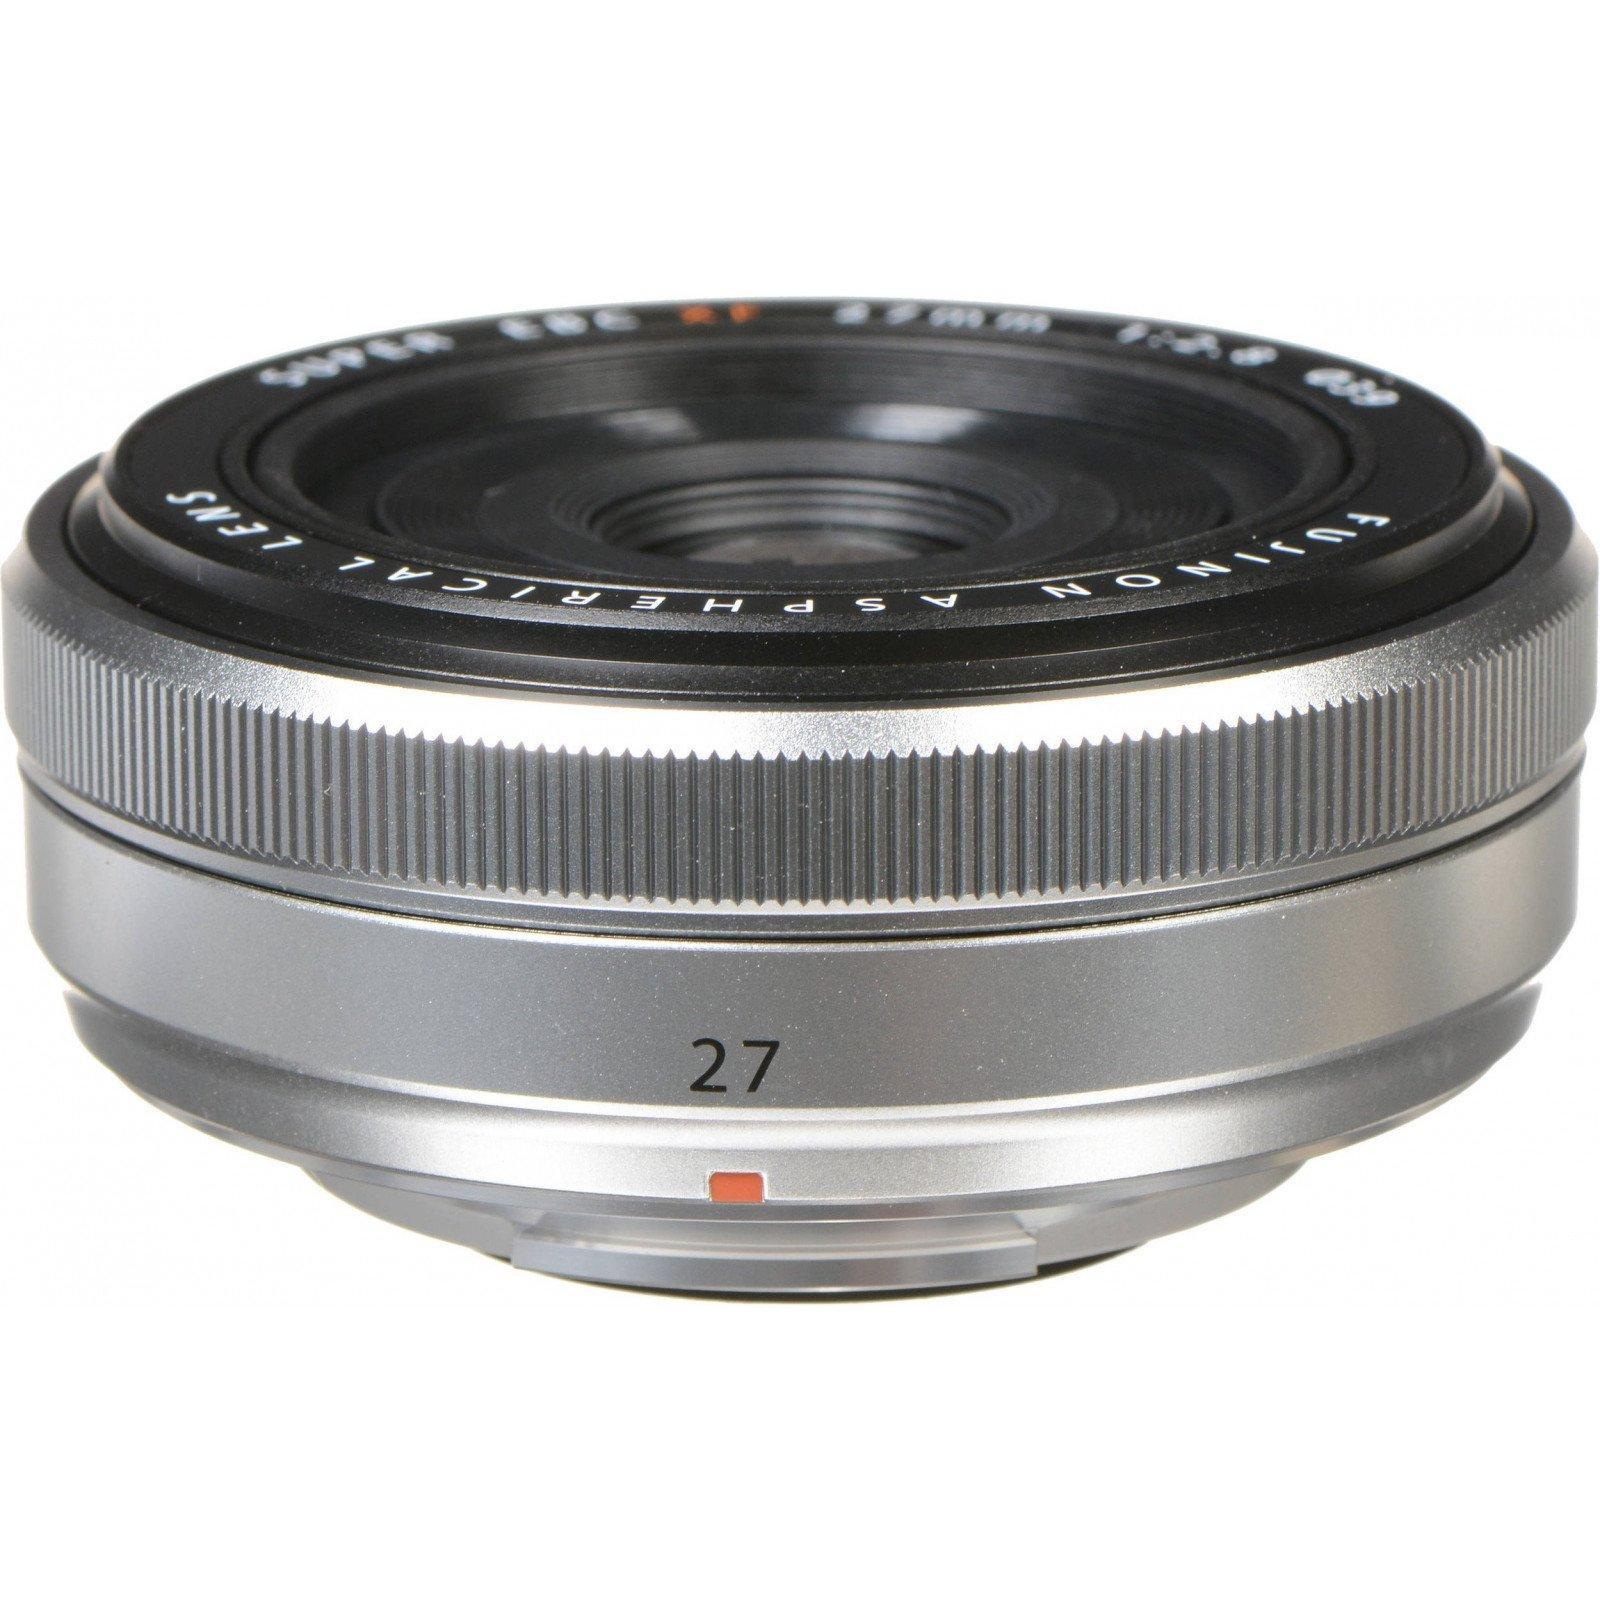 Объектив Fujifilm XF 27mm F2.8 Silver (16537718) изображение 3